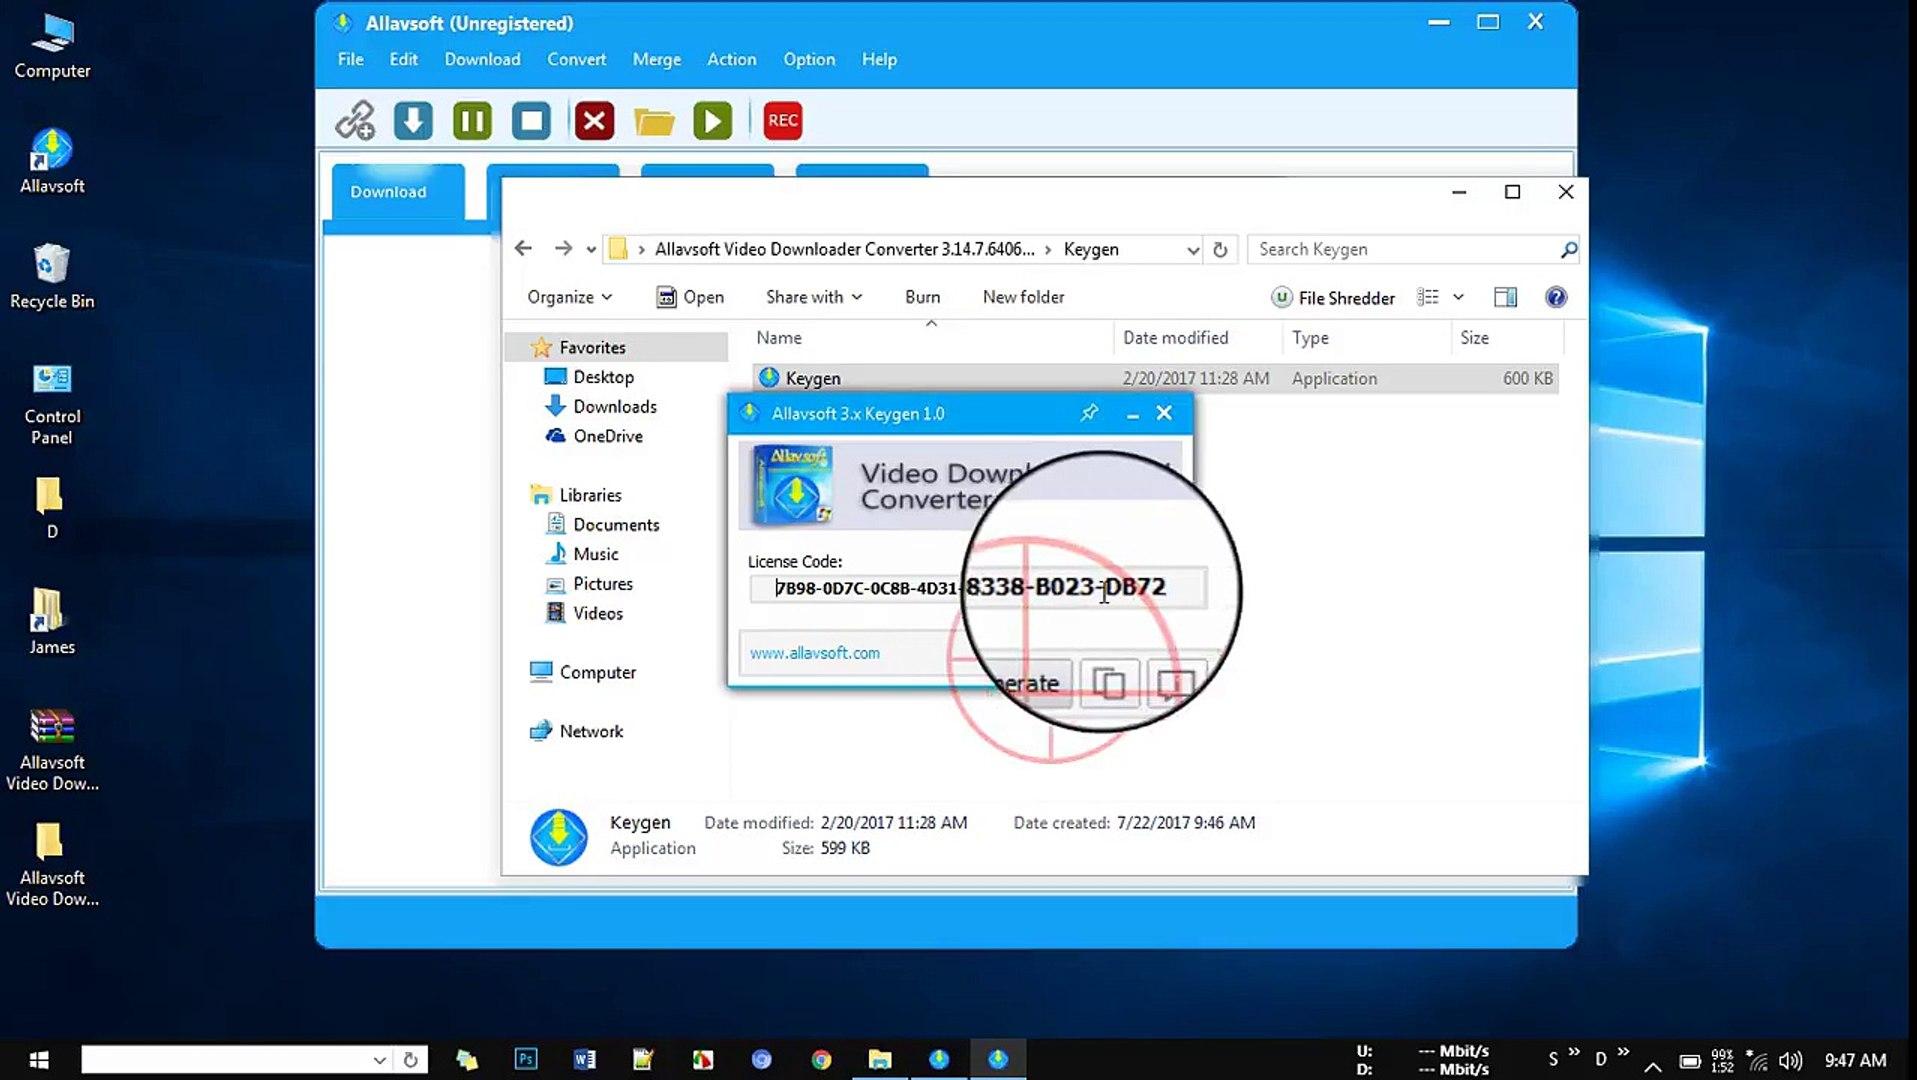 Allavsoft Video Downloader Converter 3 14 7 6406 Crack - Key full Download